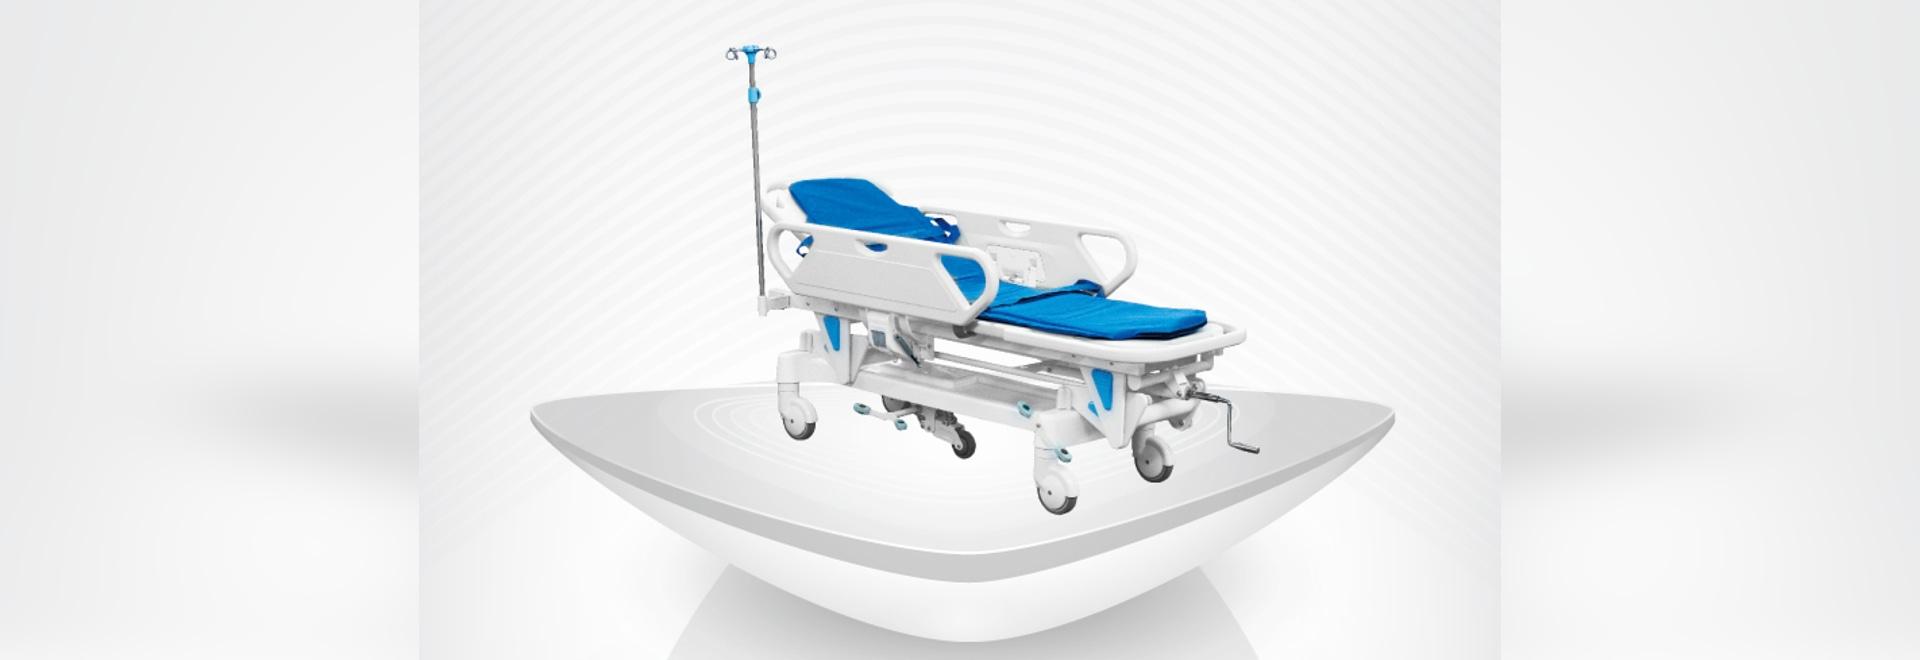 2016 civières manuelles de nouvel hôpital médical/CPR/meilleure vente confortable/chariot